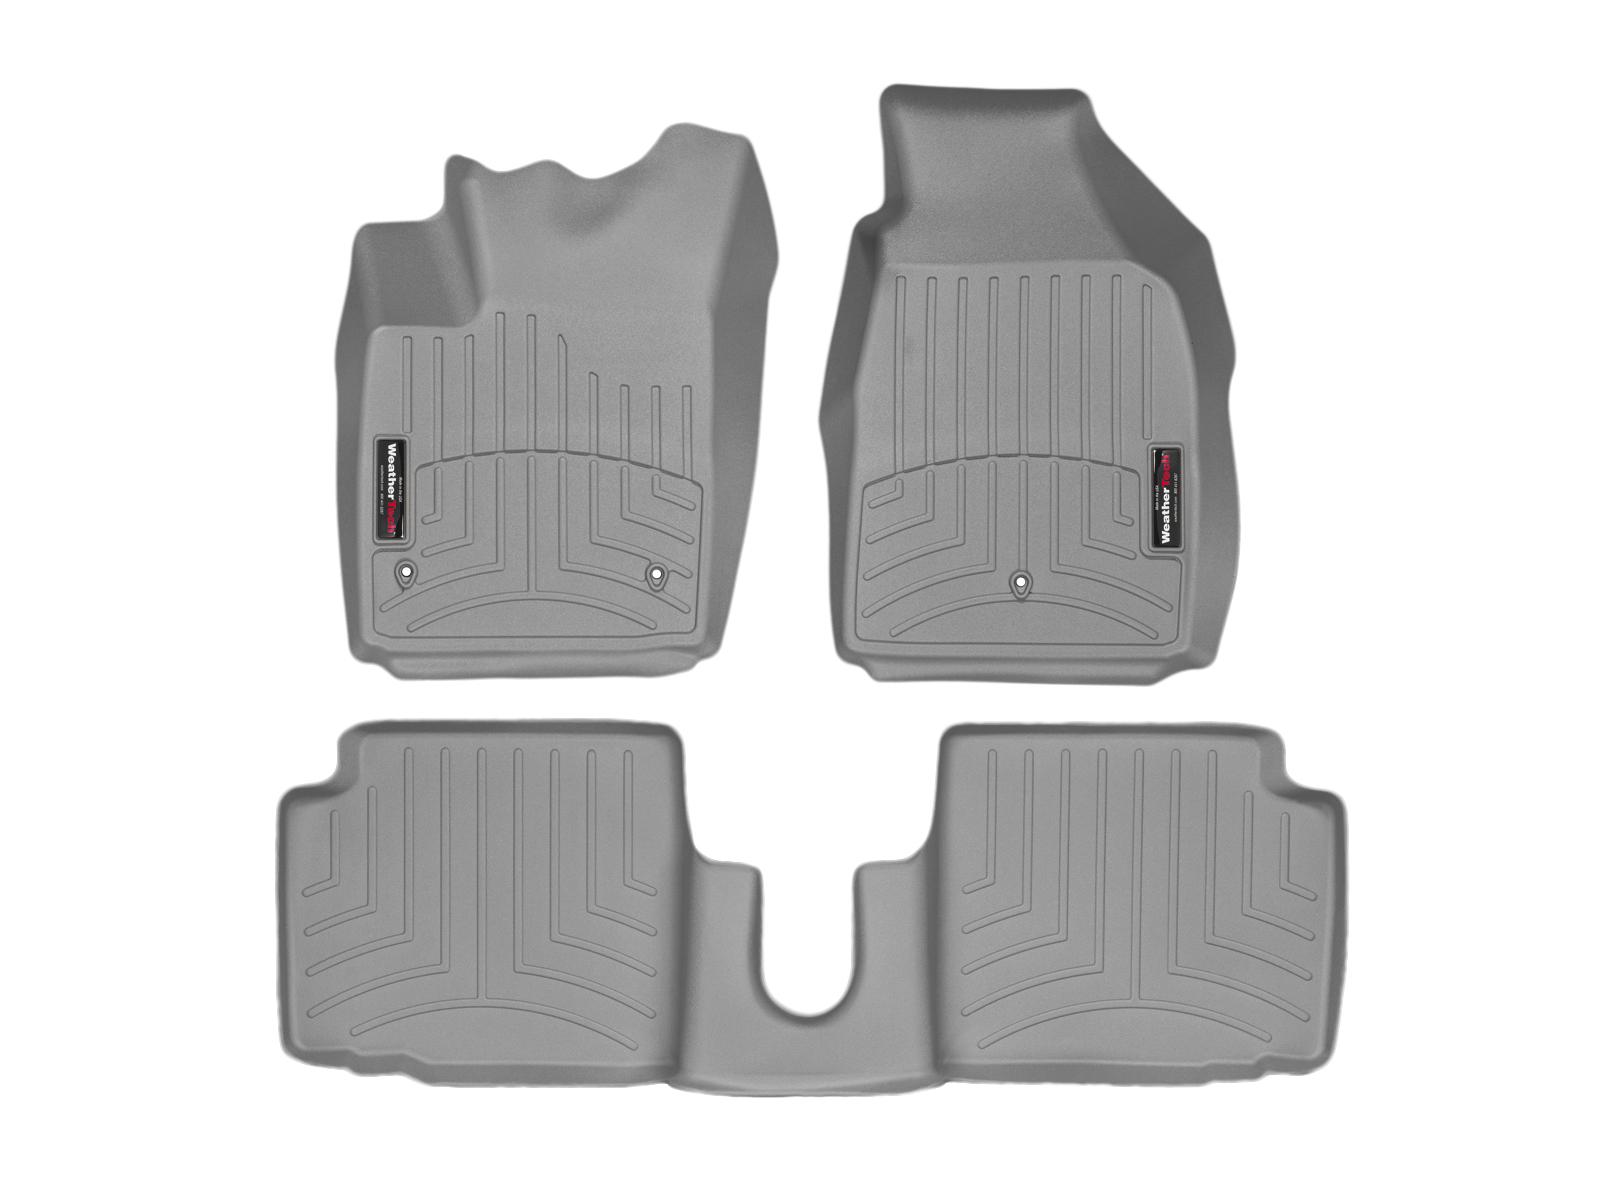 Tappeti gomma su misura bordo alto Fiat 500C 09>17 Grigio A761*